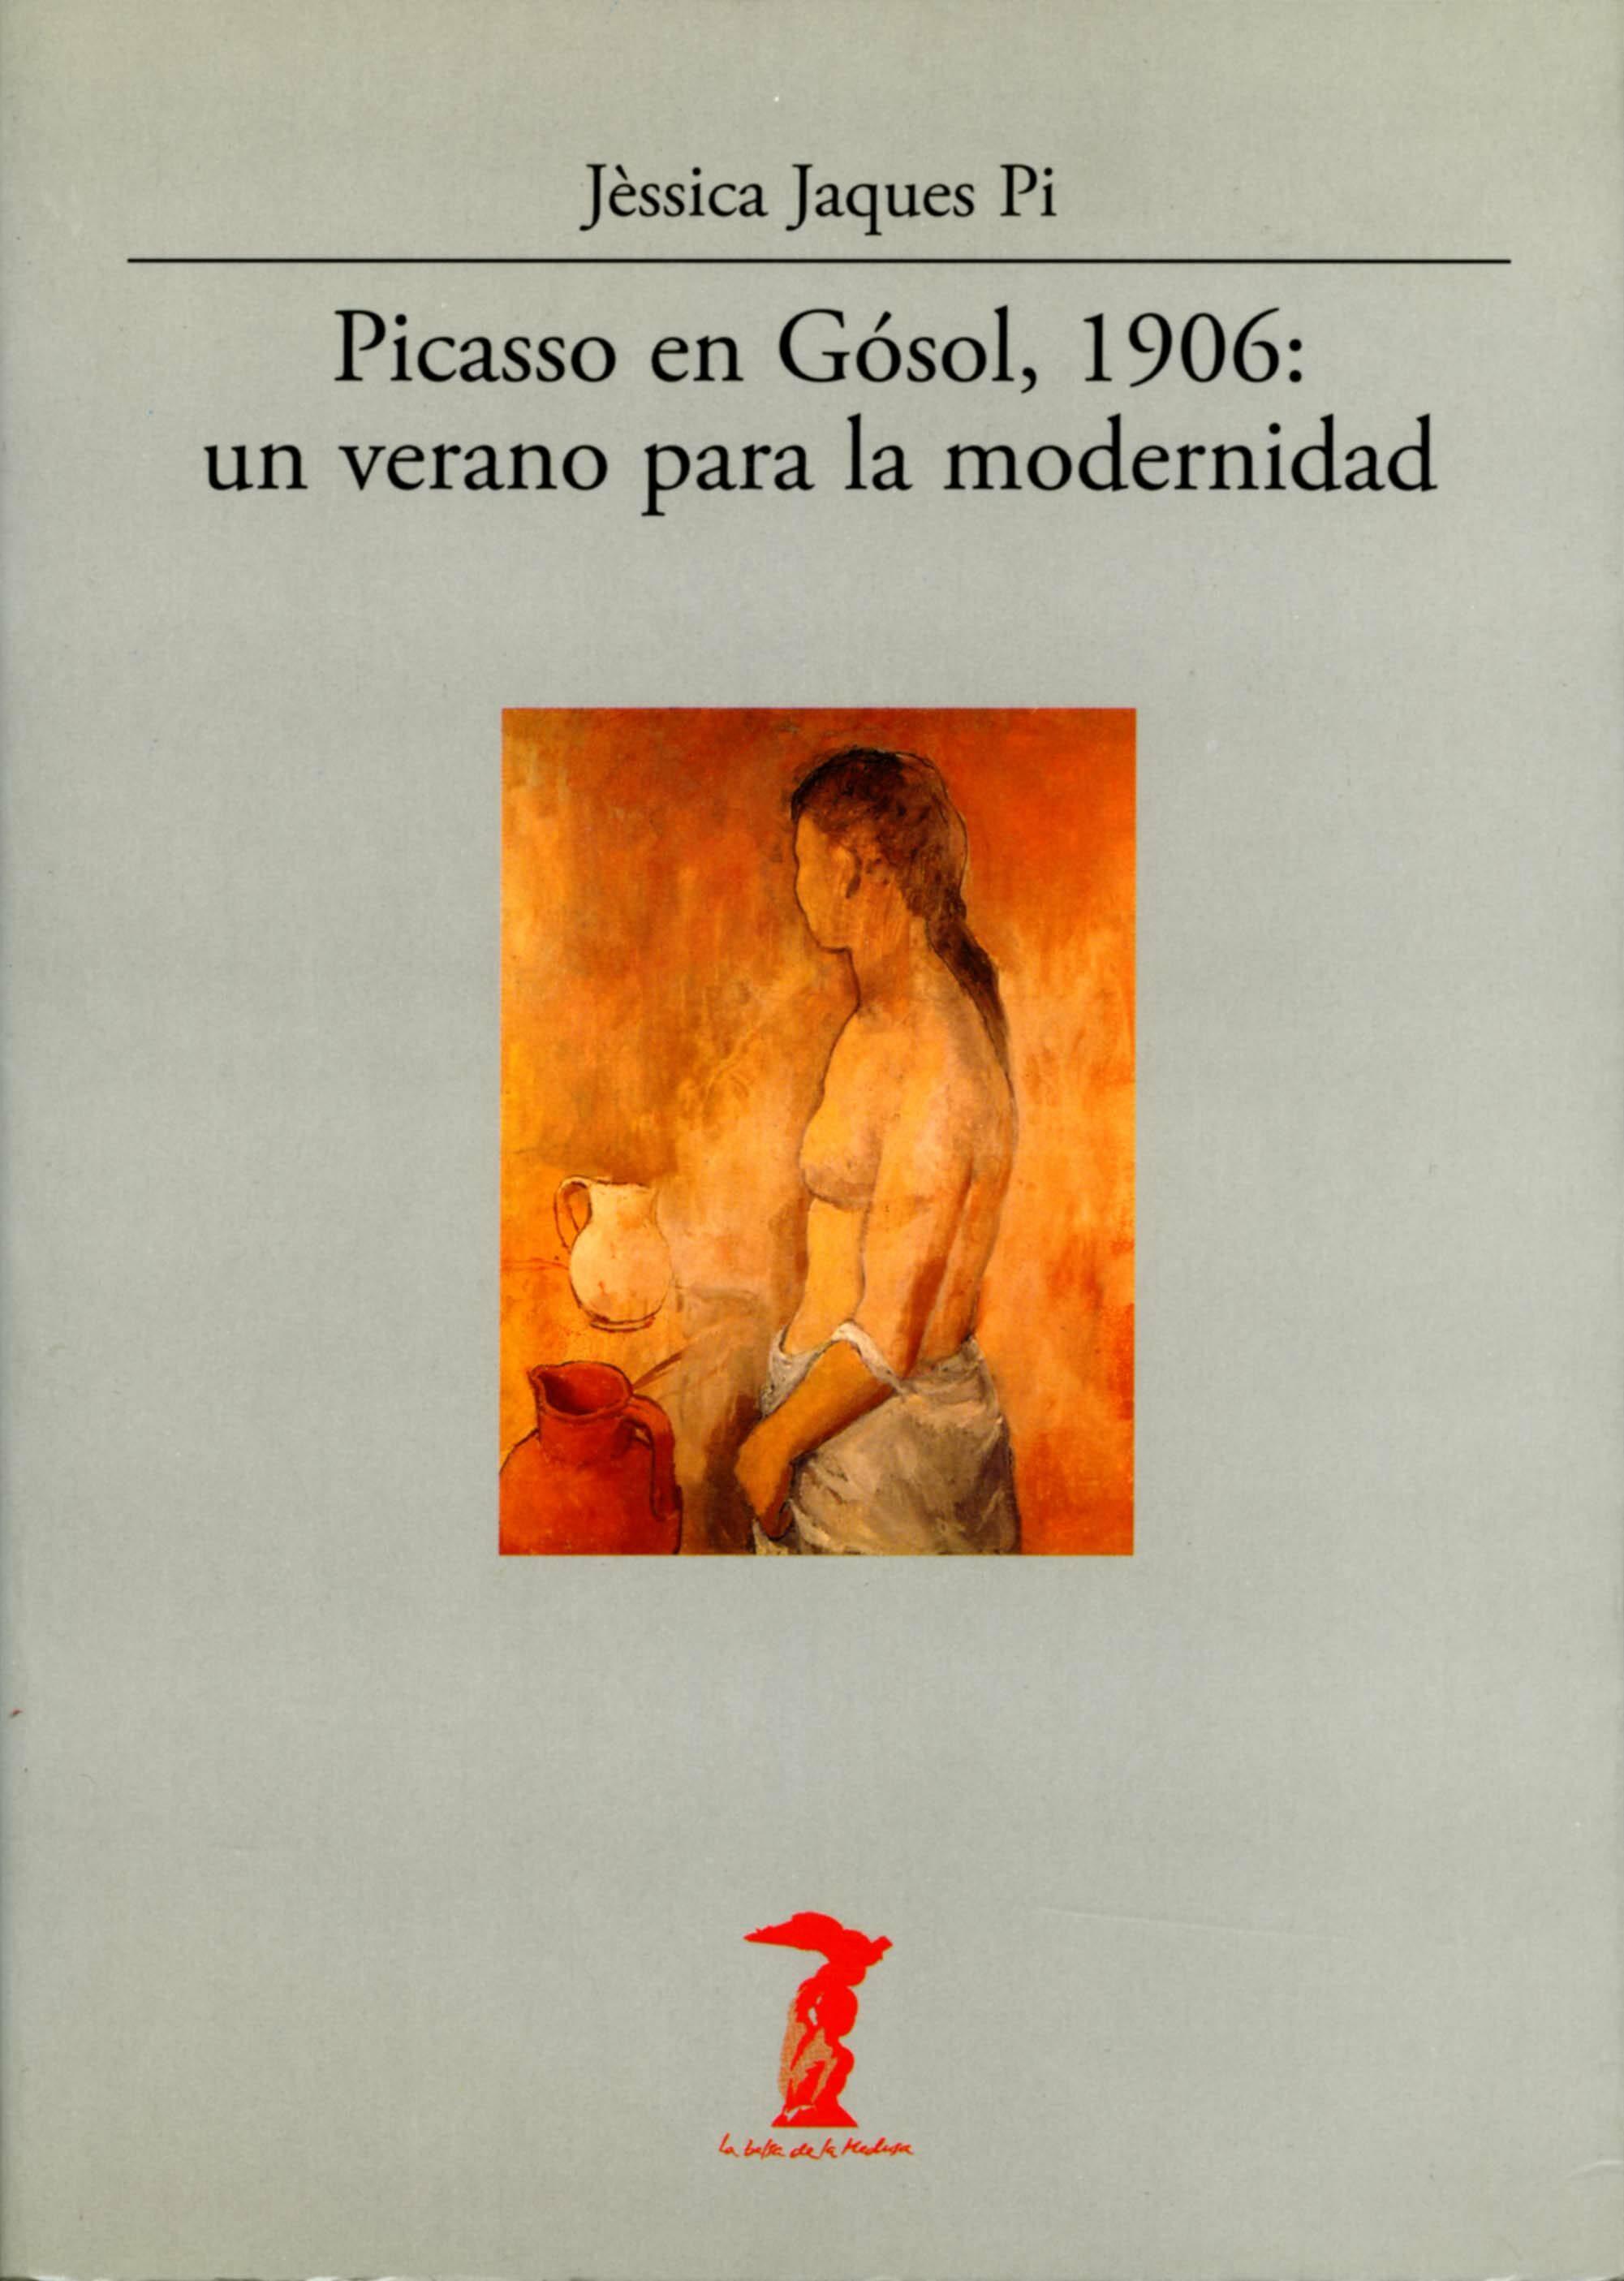 Picasso En Gosol 1906: Un Verano Para La Modernidad por Jessica Jaques Pi